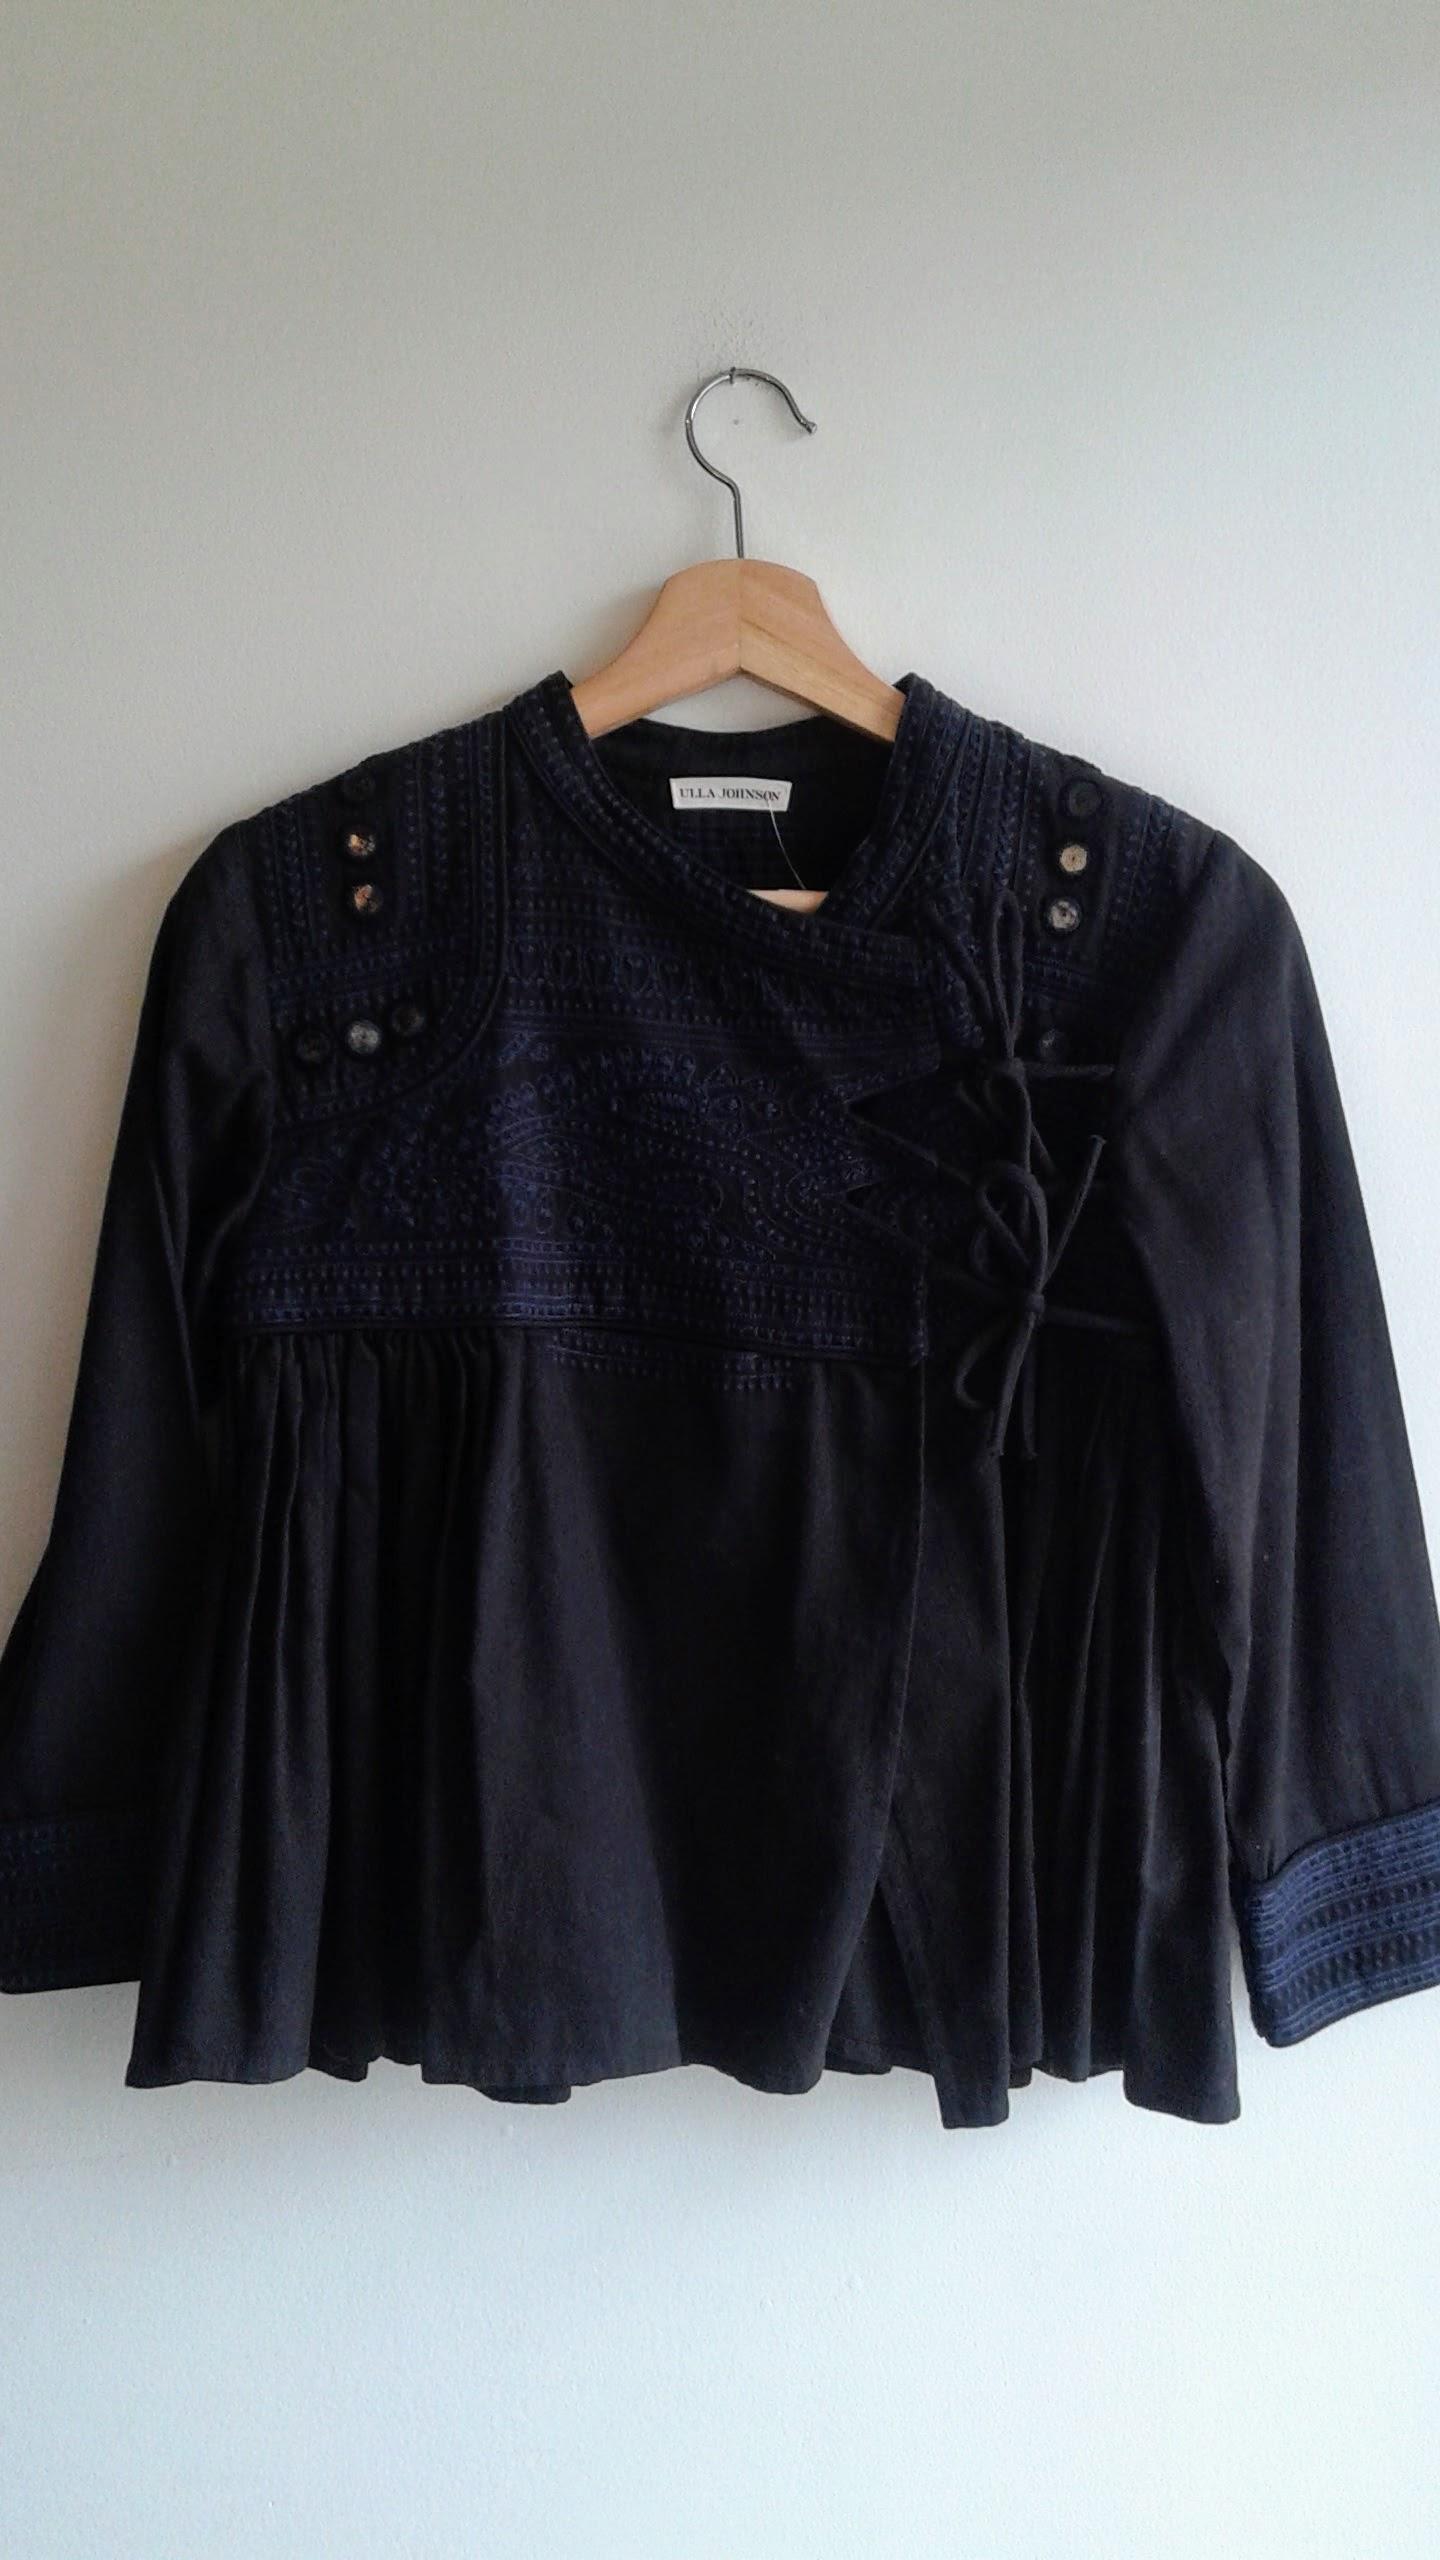 Ulla Johnson jacket; Size S, $82